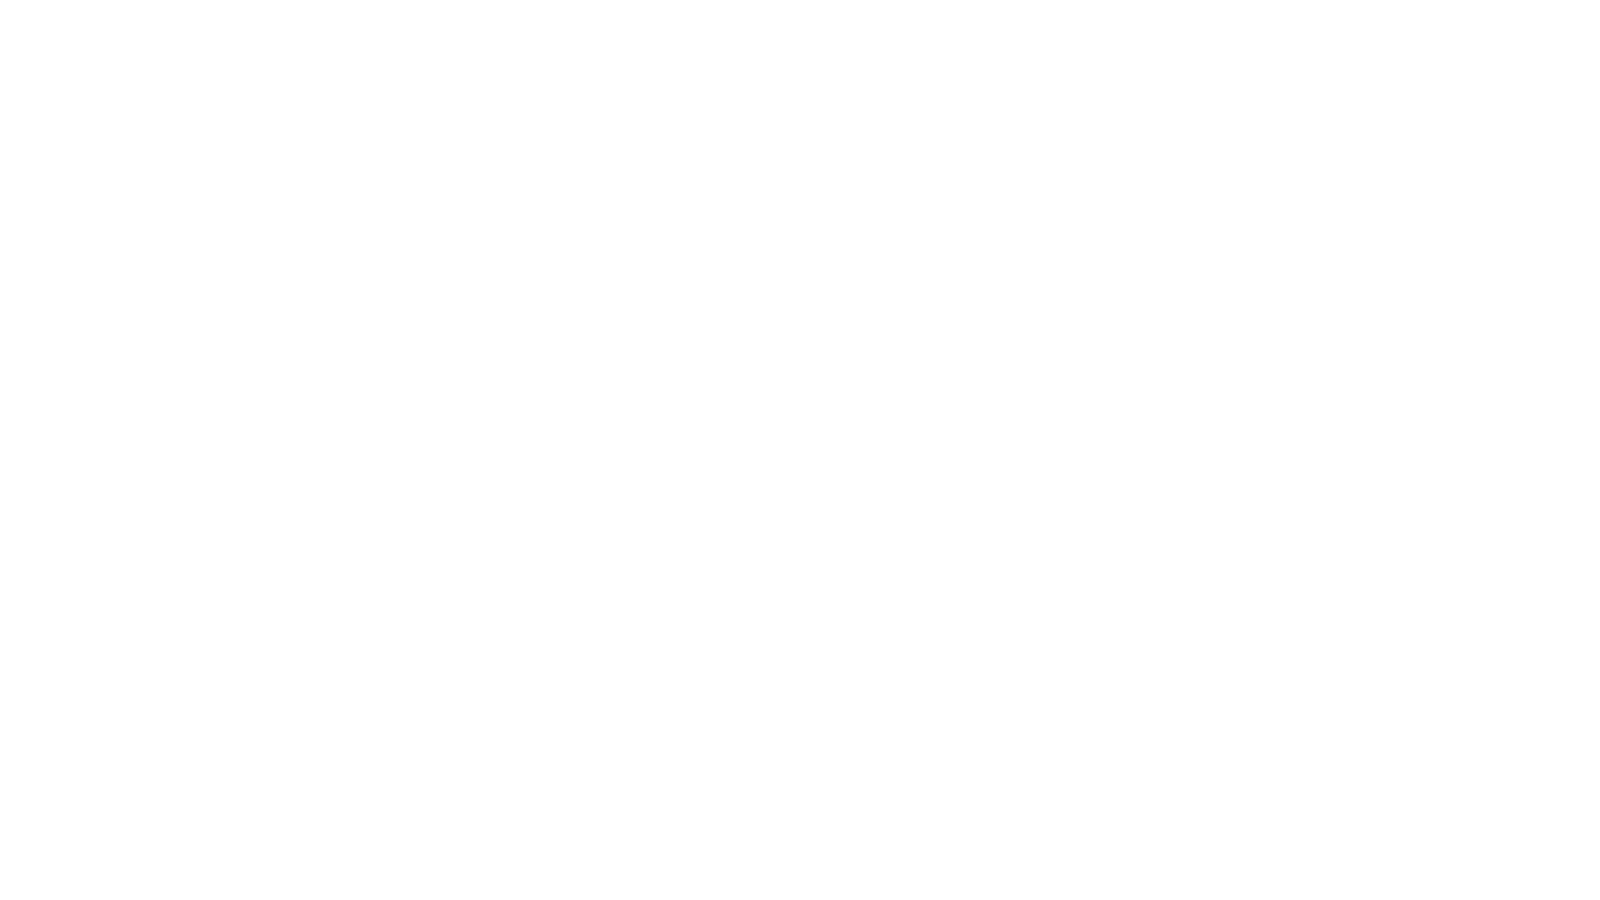 """Os presentamos junto a Yeepee una serie de unboxings del juego Marvel United, con todas sus expansiones.  Este es el séptimo capitulo os presentamos """"The Infinity Gauntlet"""", así que si quieres ver cómo abrimos tooooodas las demás cajas, os esperamos!!!  Suscribete!!  #marvelunited #unboxing #kickstarted #leyendasdeltablero #theinfinitygauntlet"""